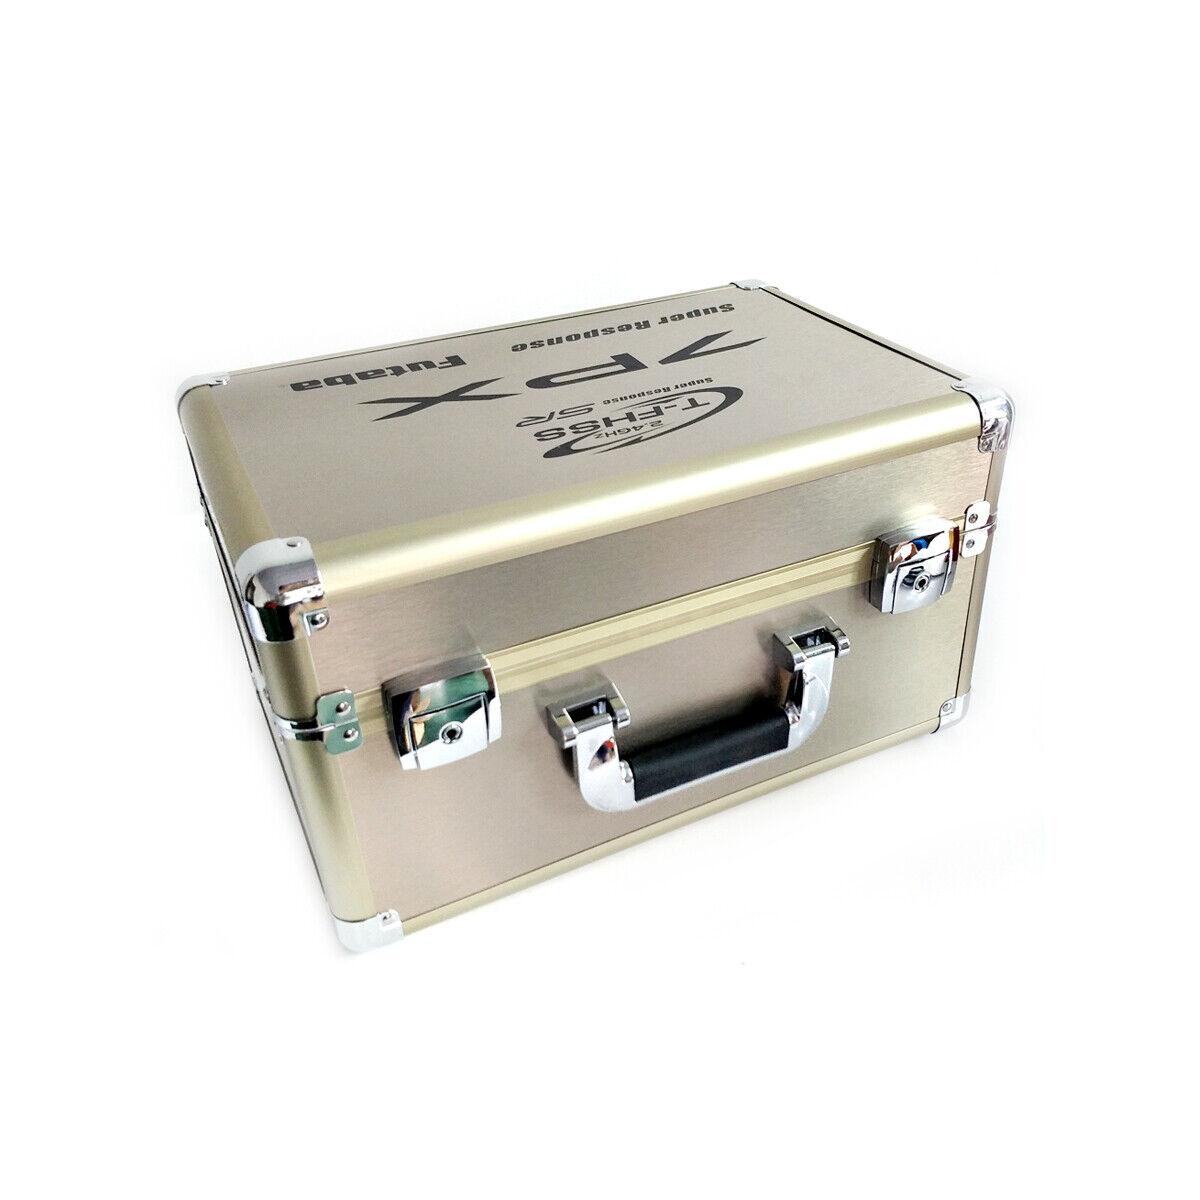 Portable Llevar Caja De Aluminio Para Futaba 7PX, anti daños y contra la oxidación